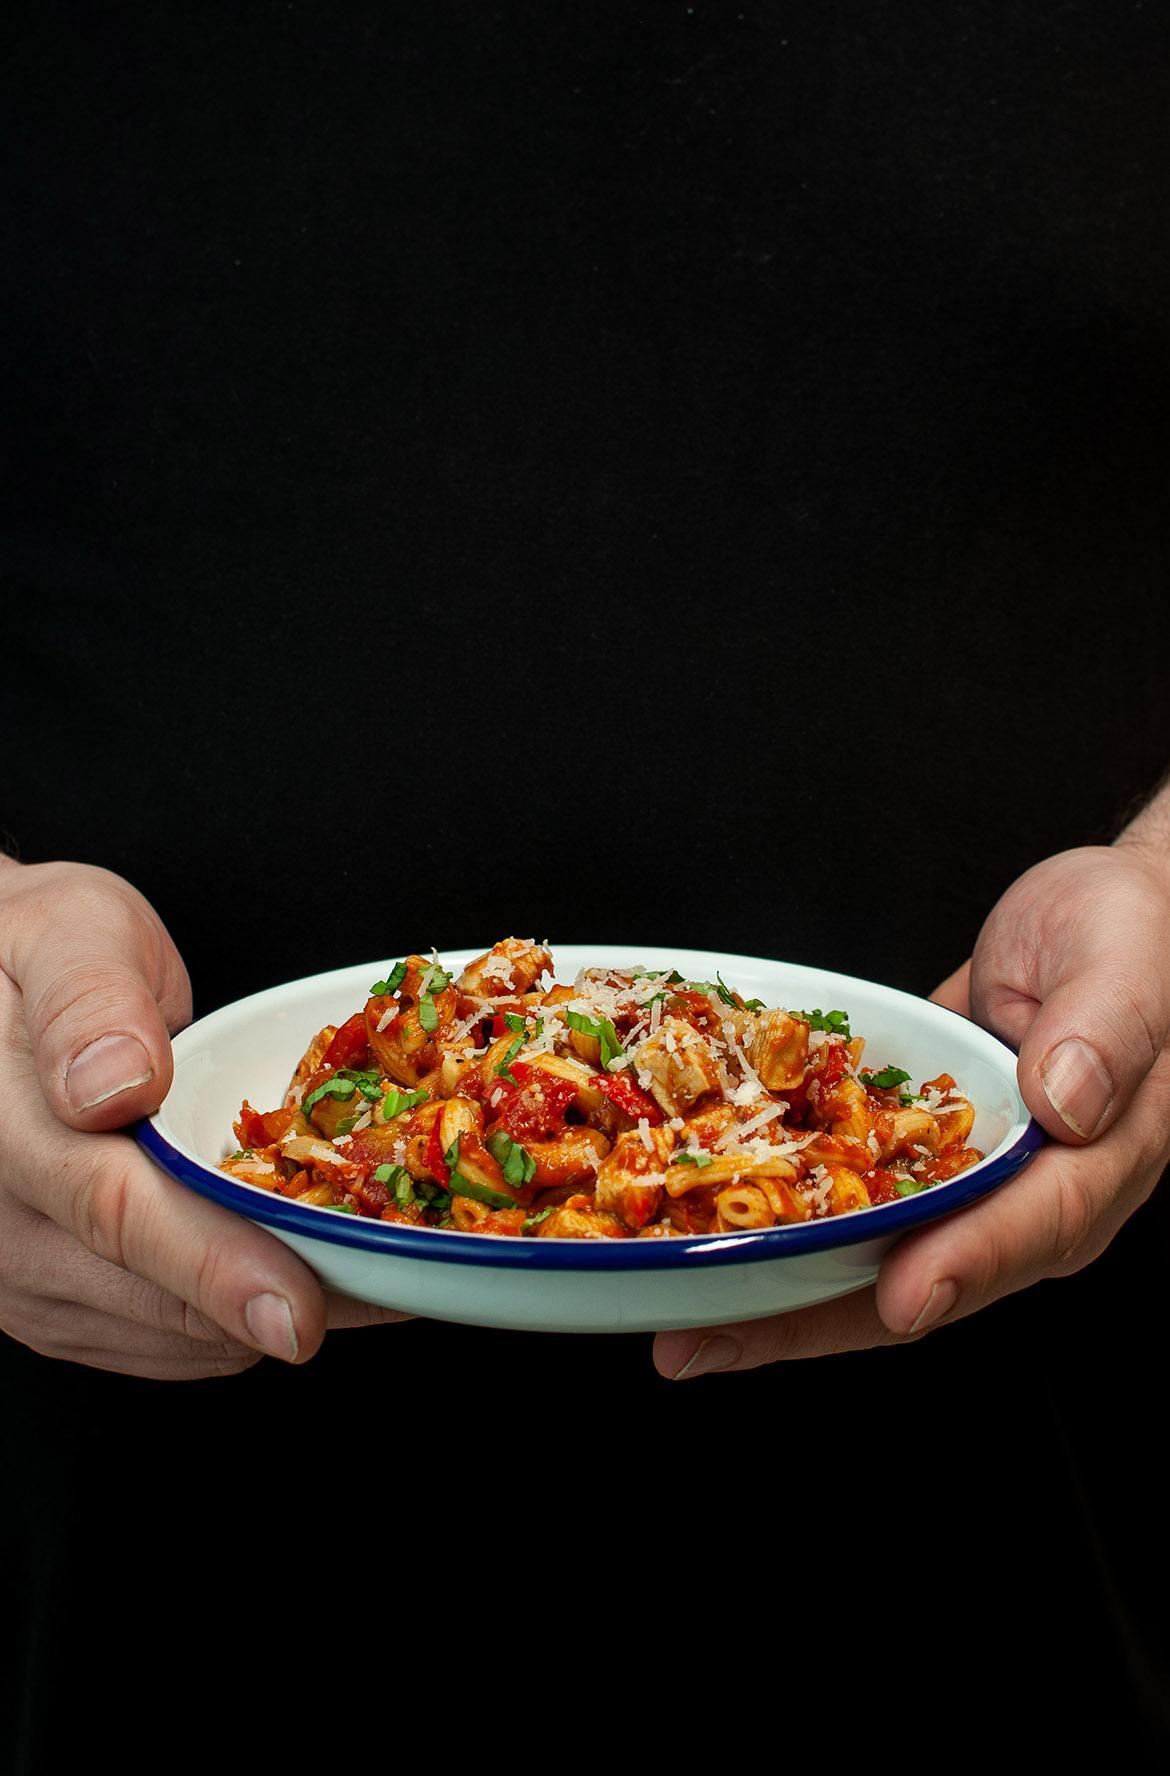 One-Pot-Pasta mit Champginons, Paprika und Hähnchenbrustfilet